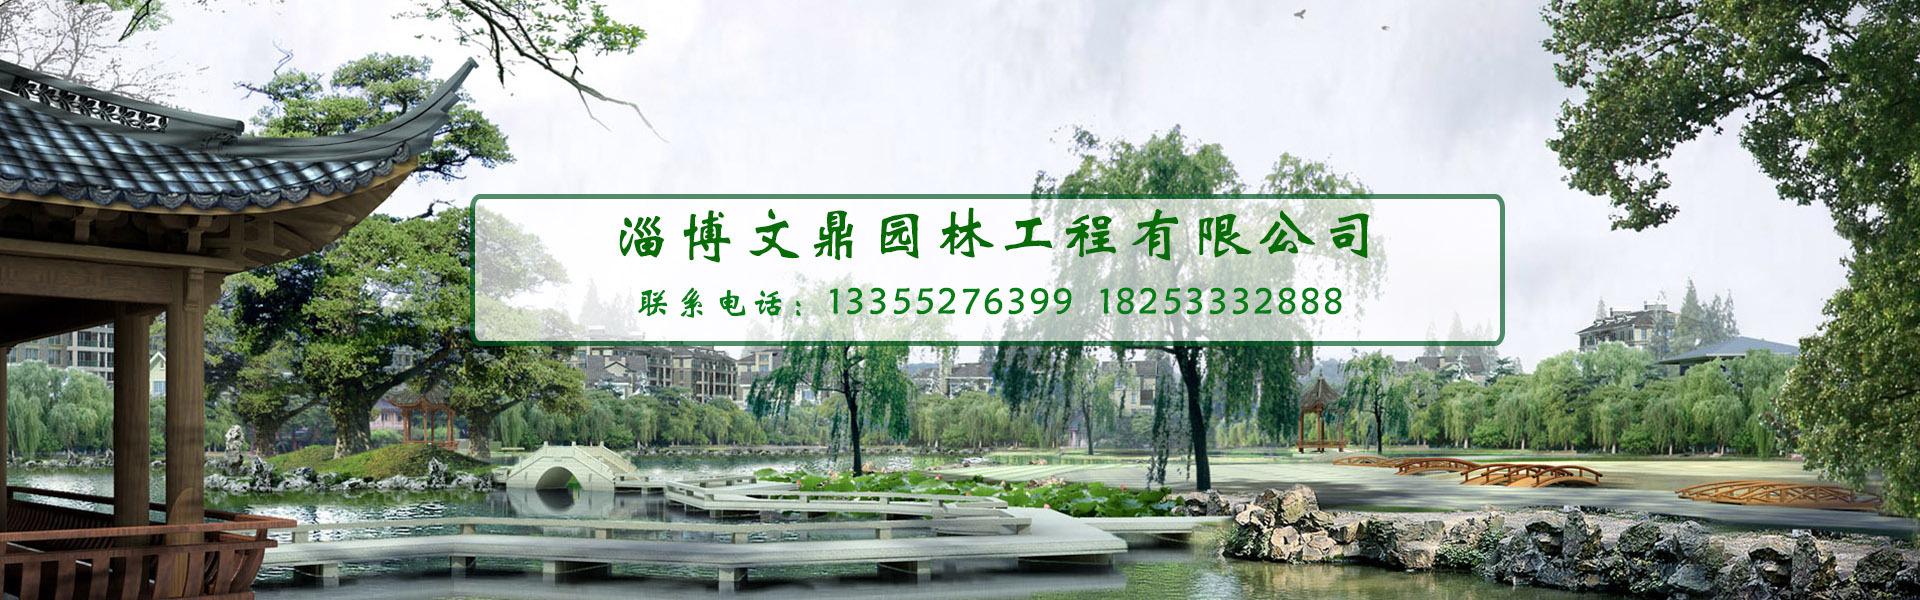 www.7781b.com葡京